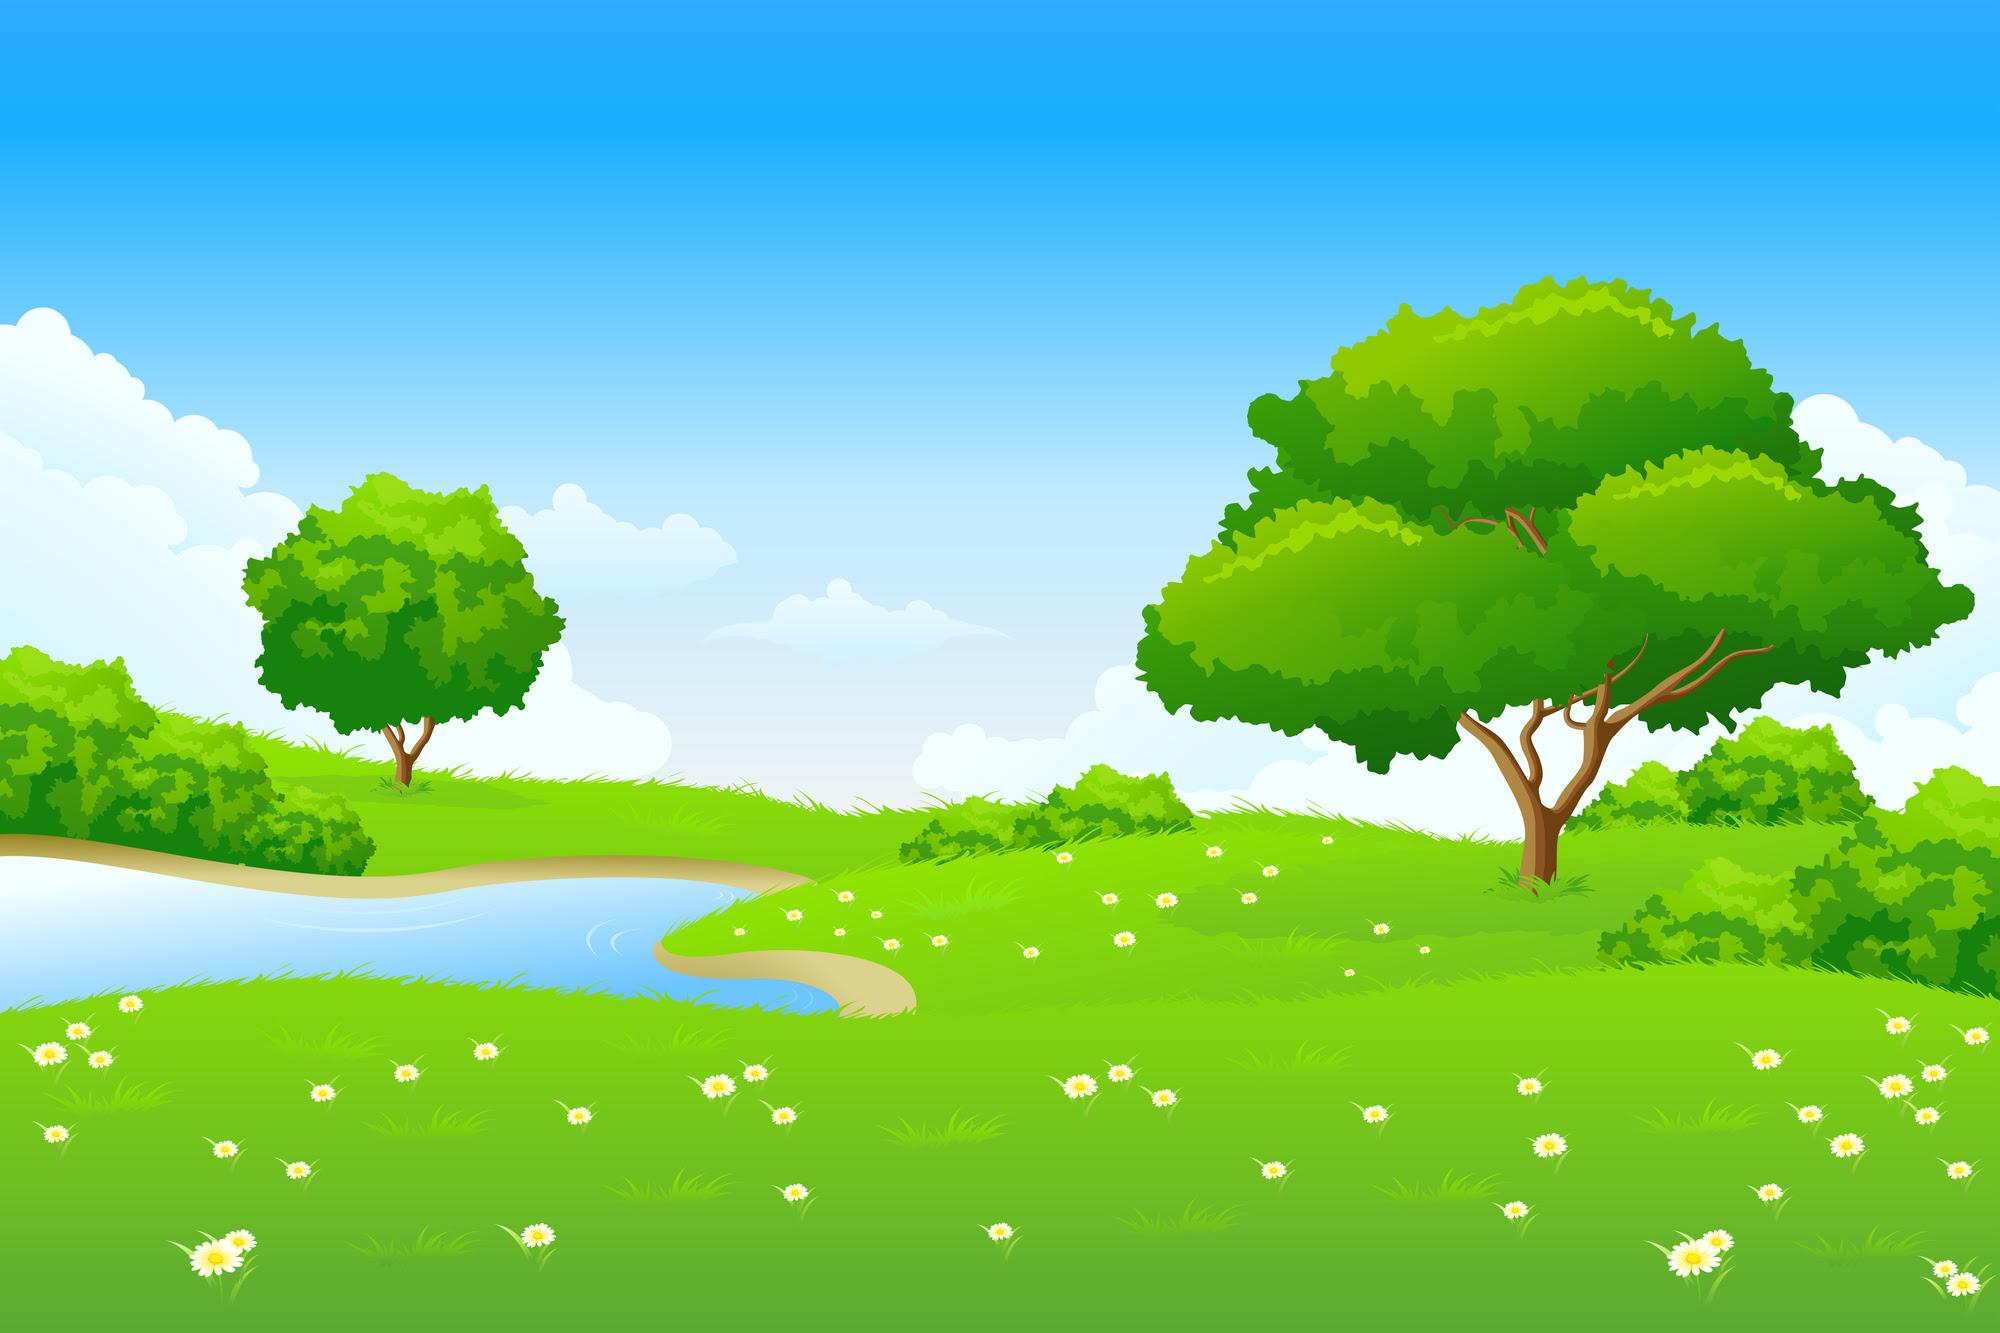 Background Pemandangan Animasi - Gambar Viral HD